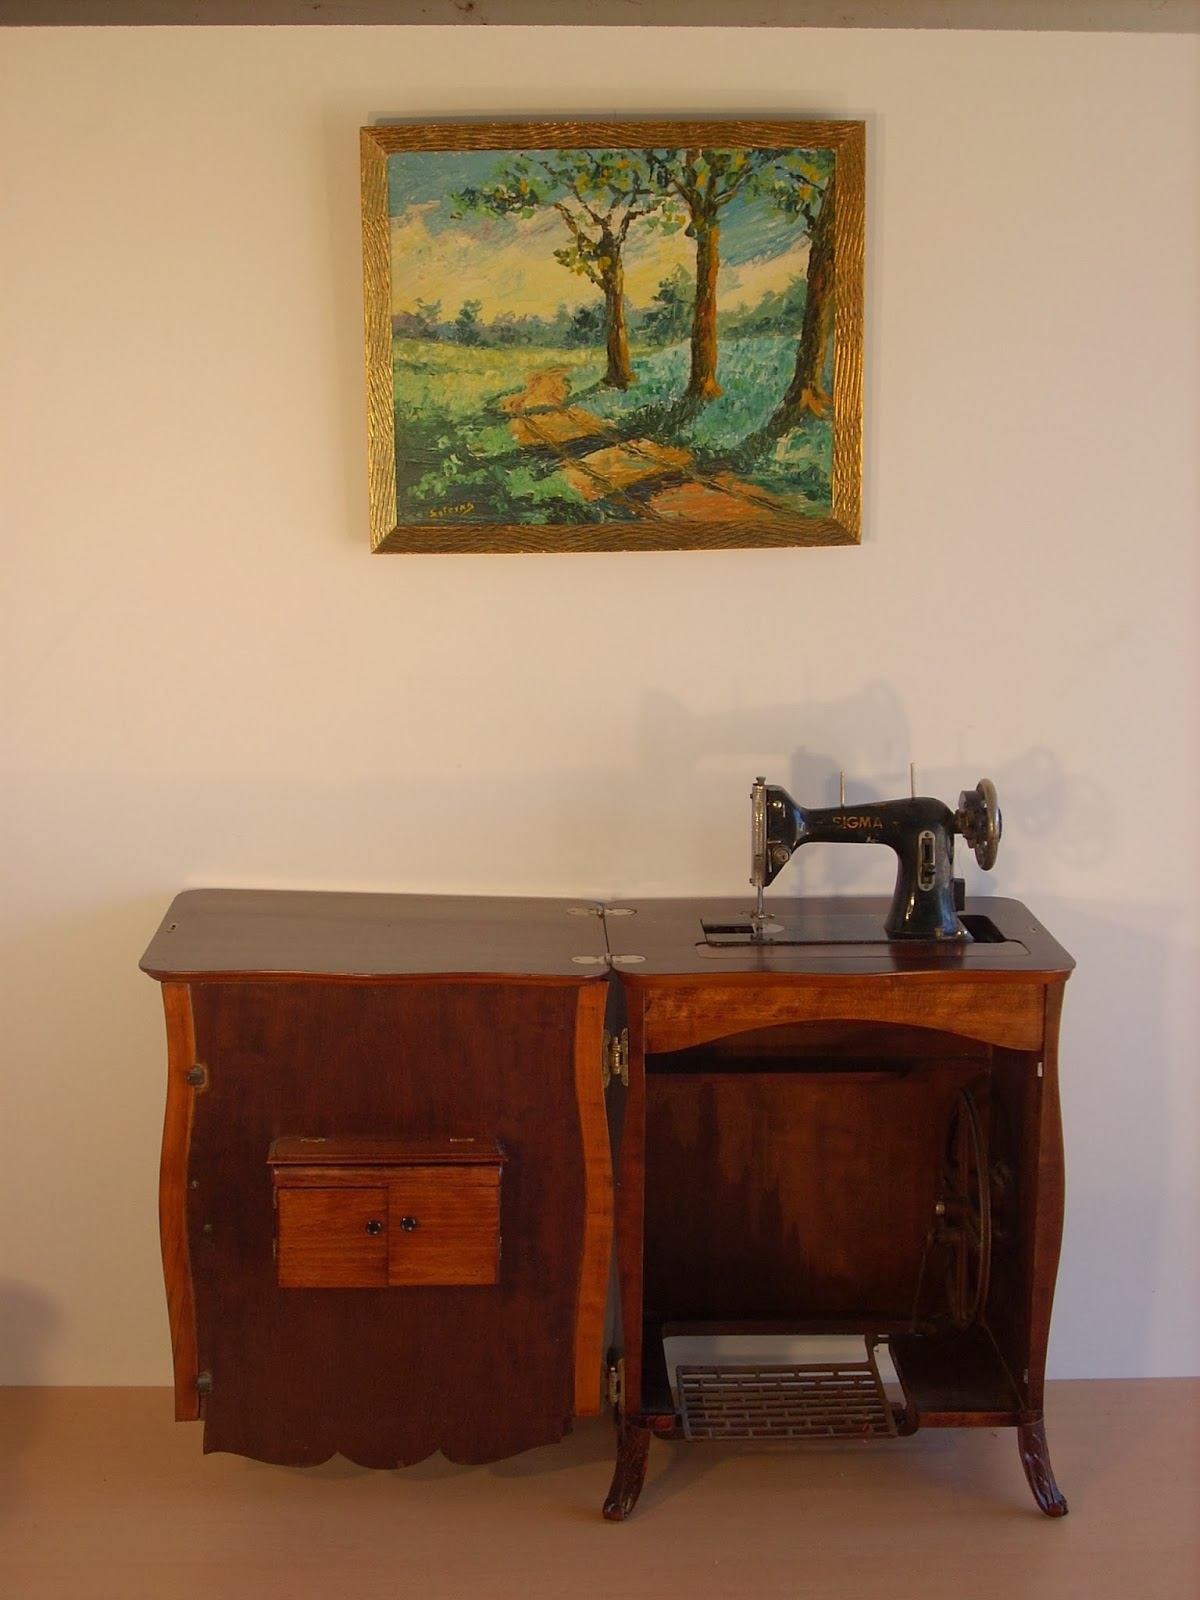 Venta de muebles antiguos restaurados naturmoble mueble - Comprar muebles antiguos ...